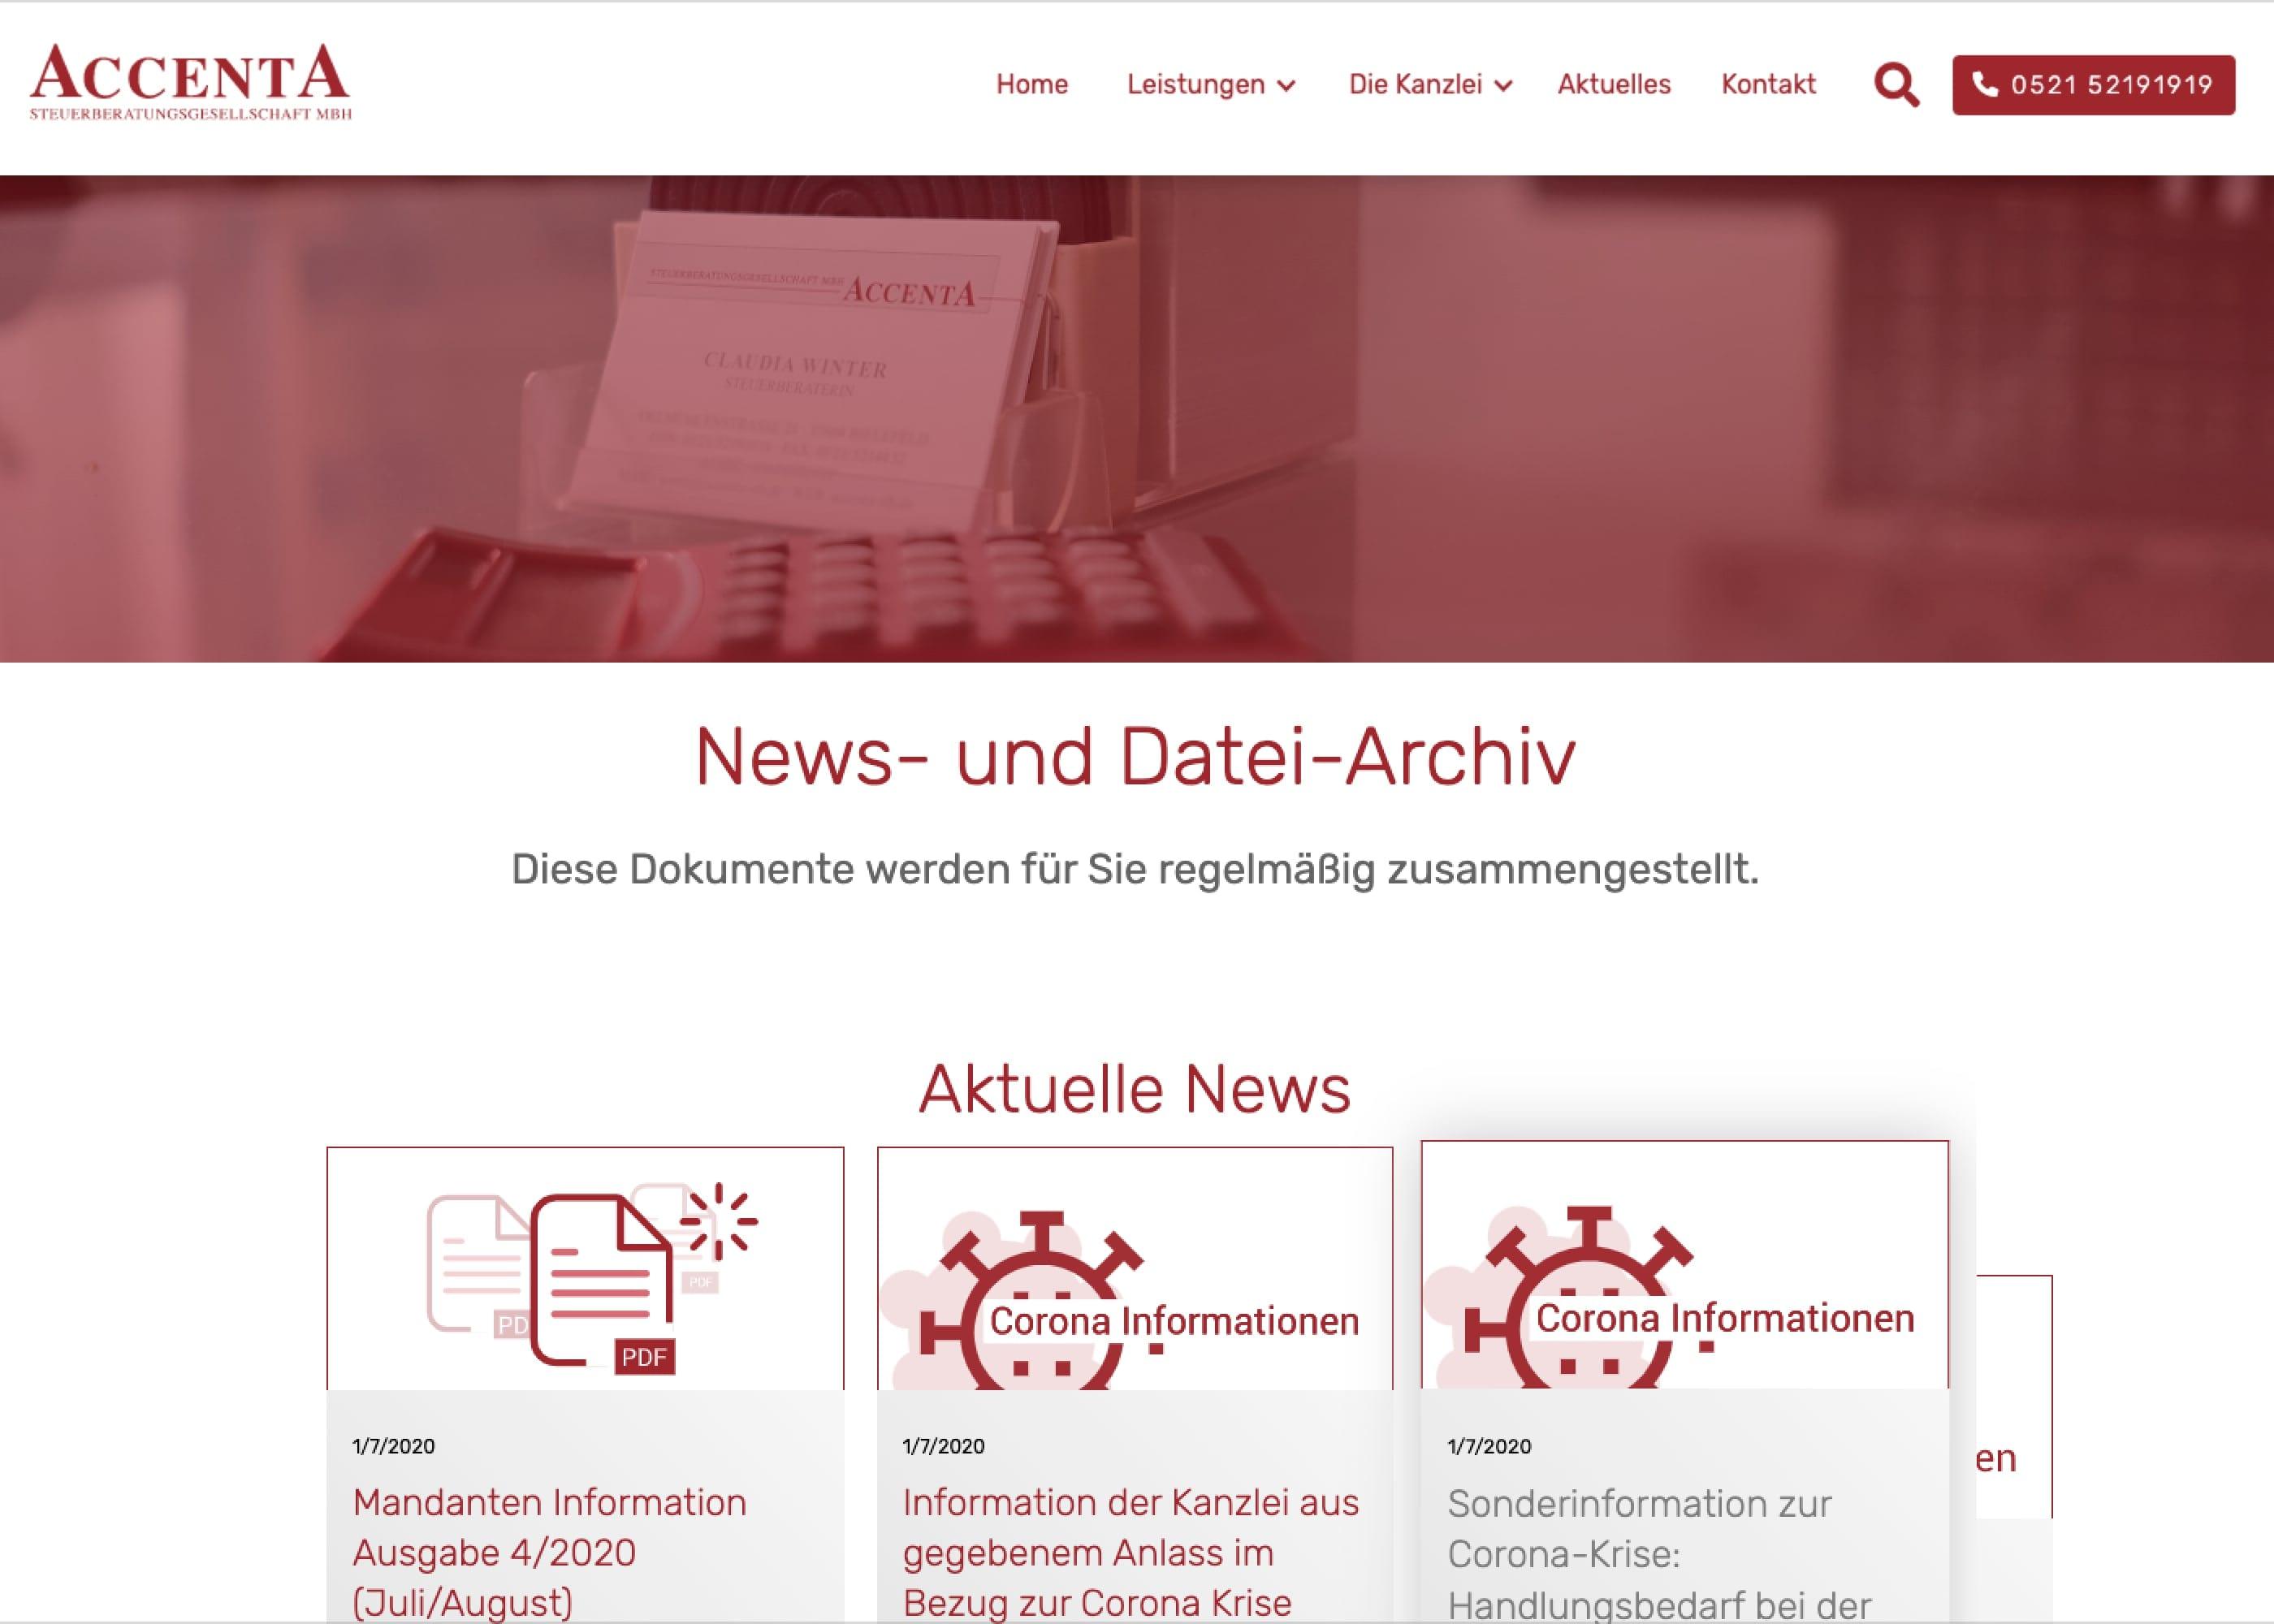 ACCENTA Steuerberatungs GmbH Newsübersicht